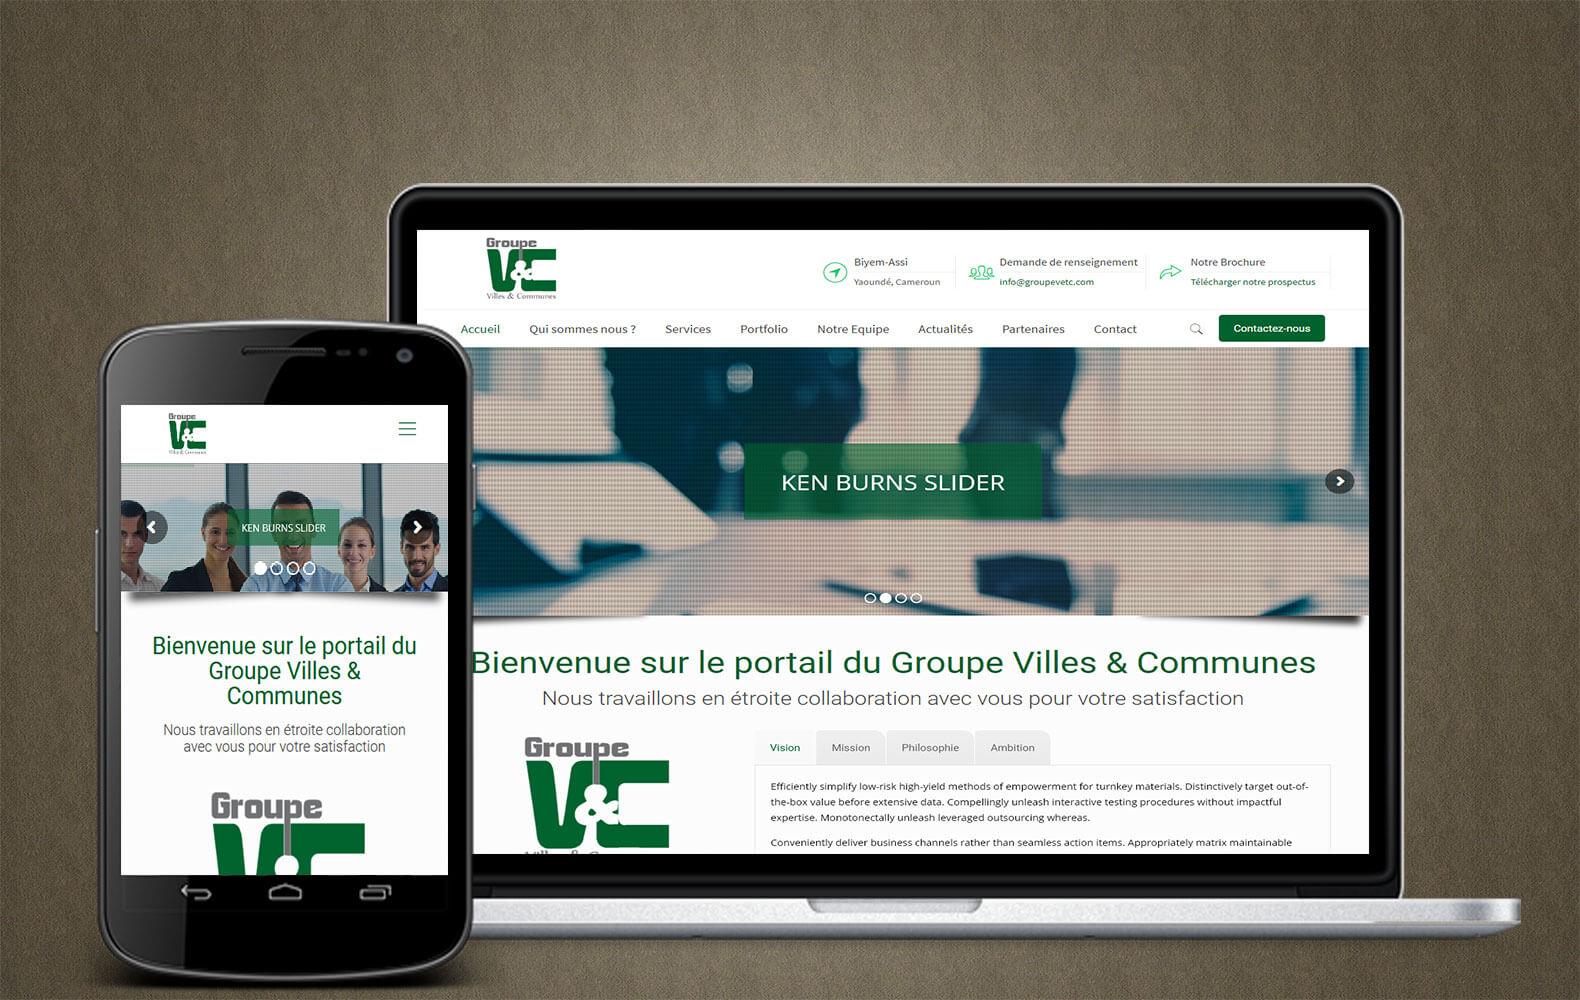 Groupe Villes & Communes